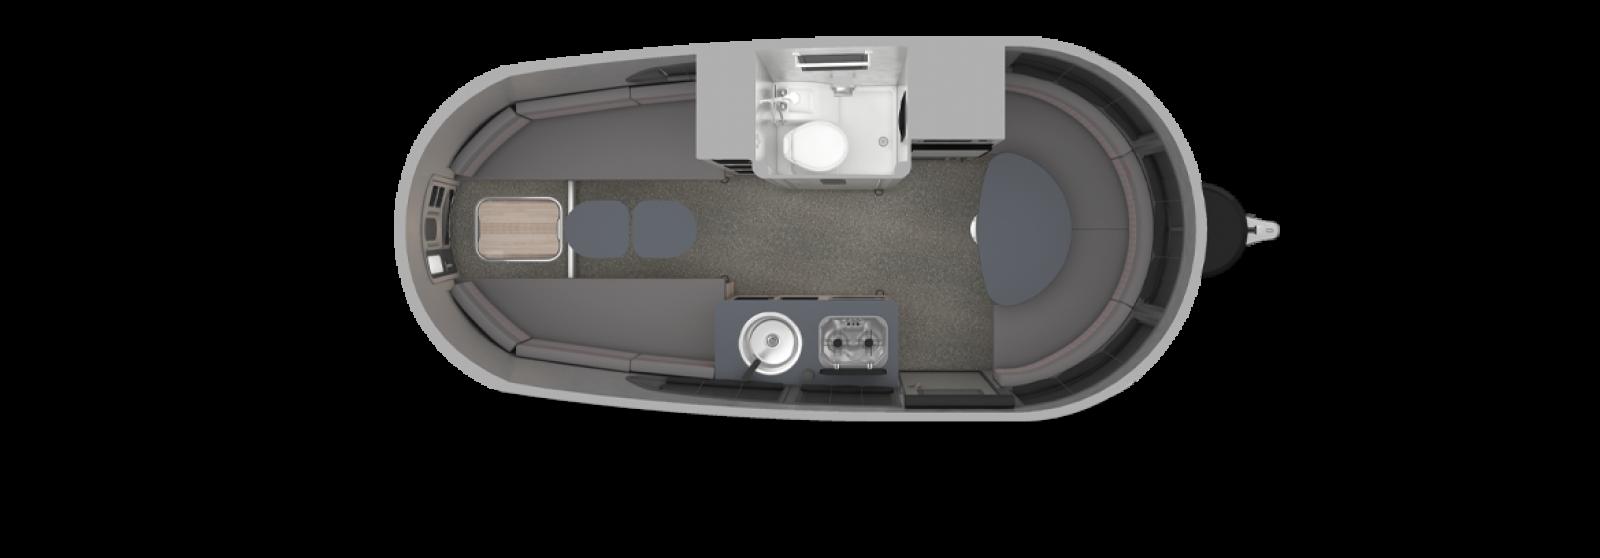 W-AIRMKT-2021-Basecamp-20-Floorplan-Red-Rock-Dinette